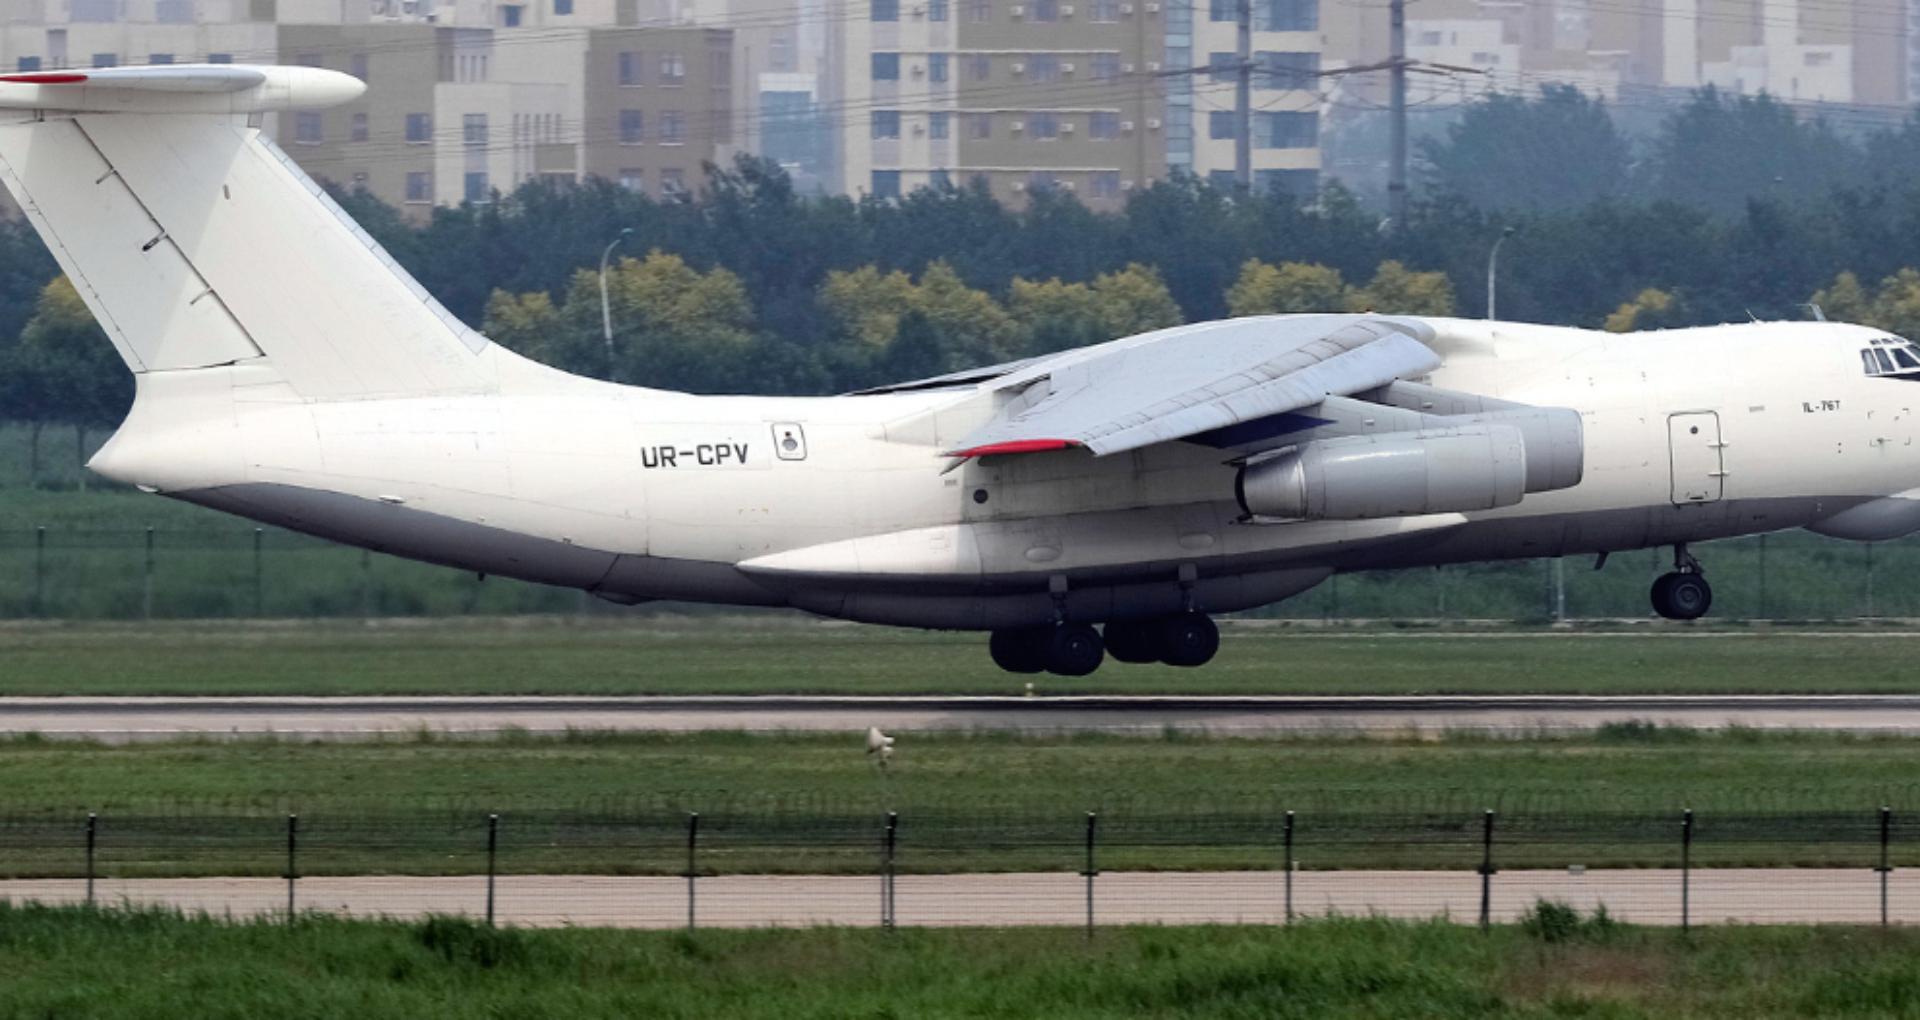 Foto/ Un avion ucrainean, gestionat de o companie suspectată de implicare în comerț ilegal cu arme, a staționat șase zile pe Aeroportul Internațional Mărculești. Precizările autorităților